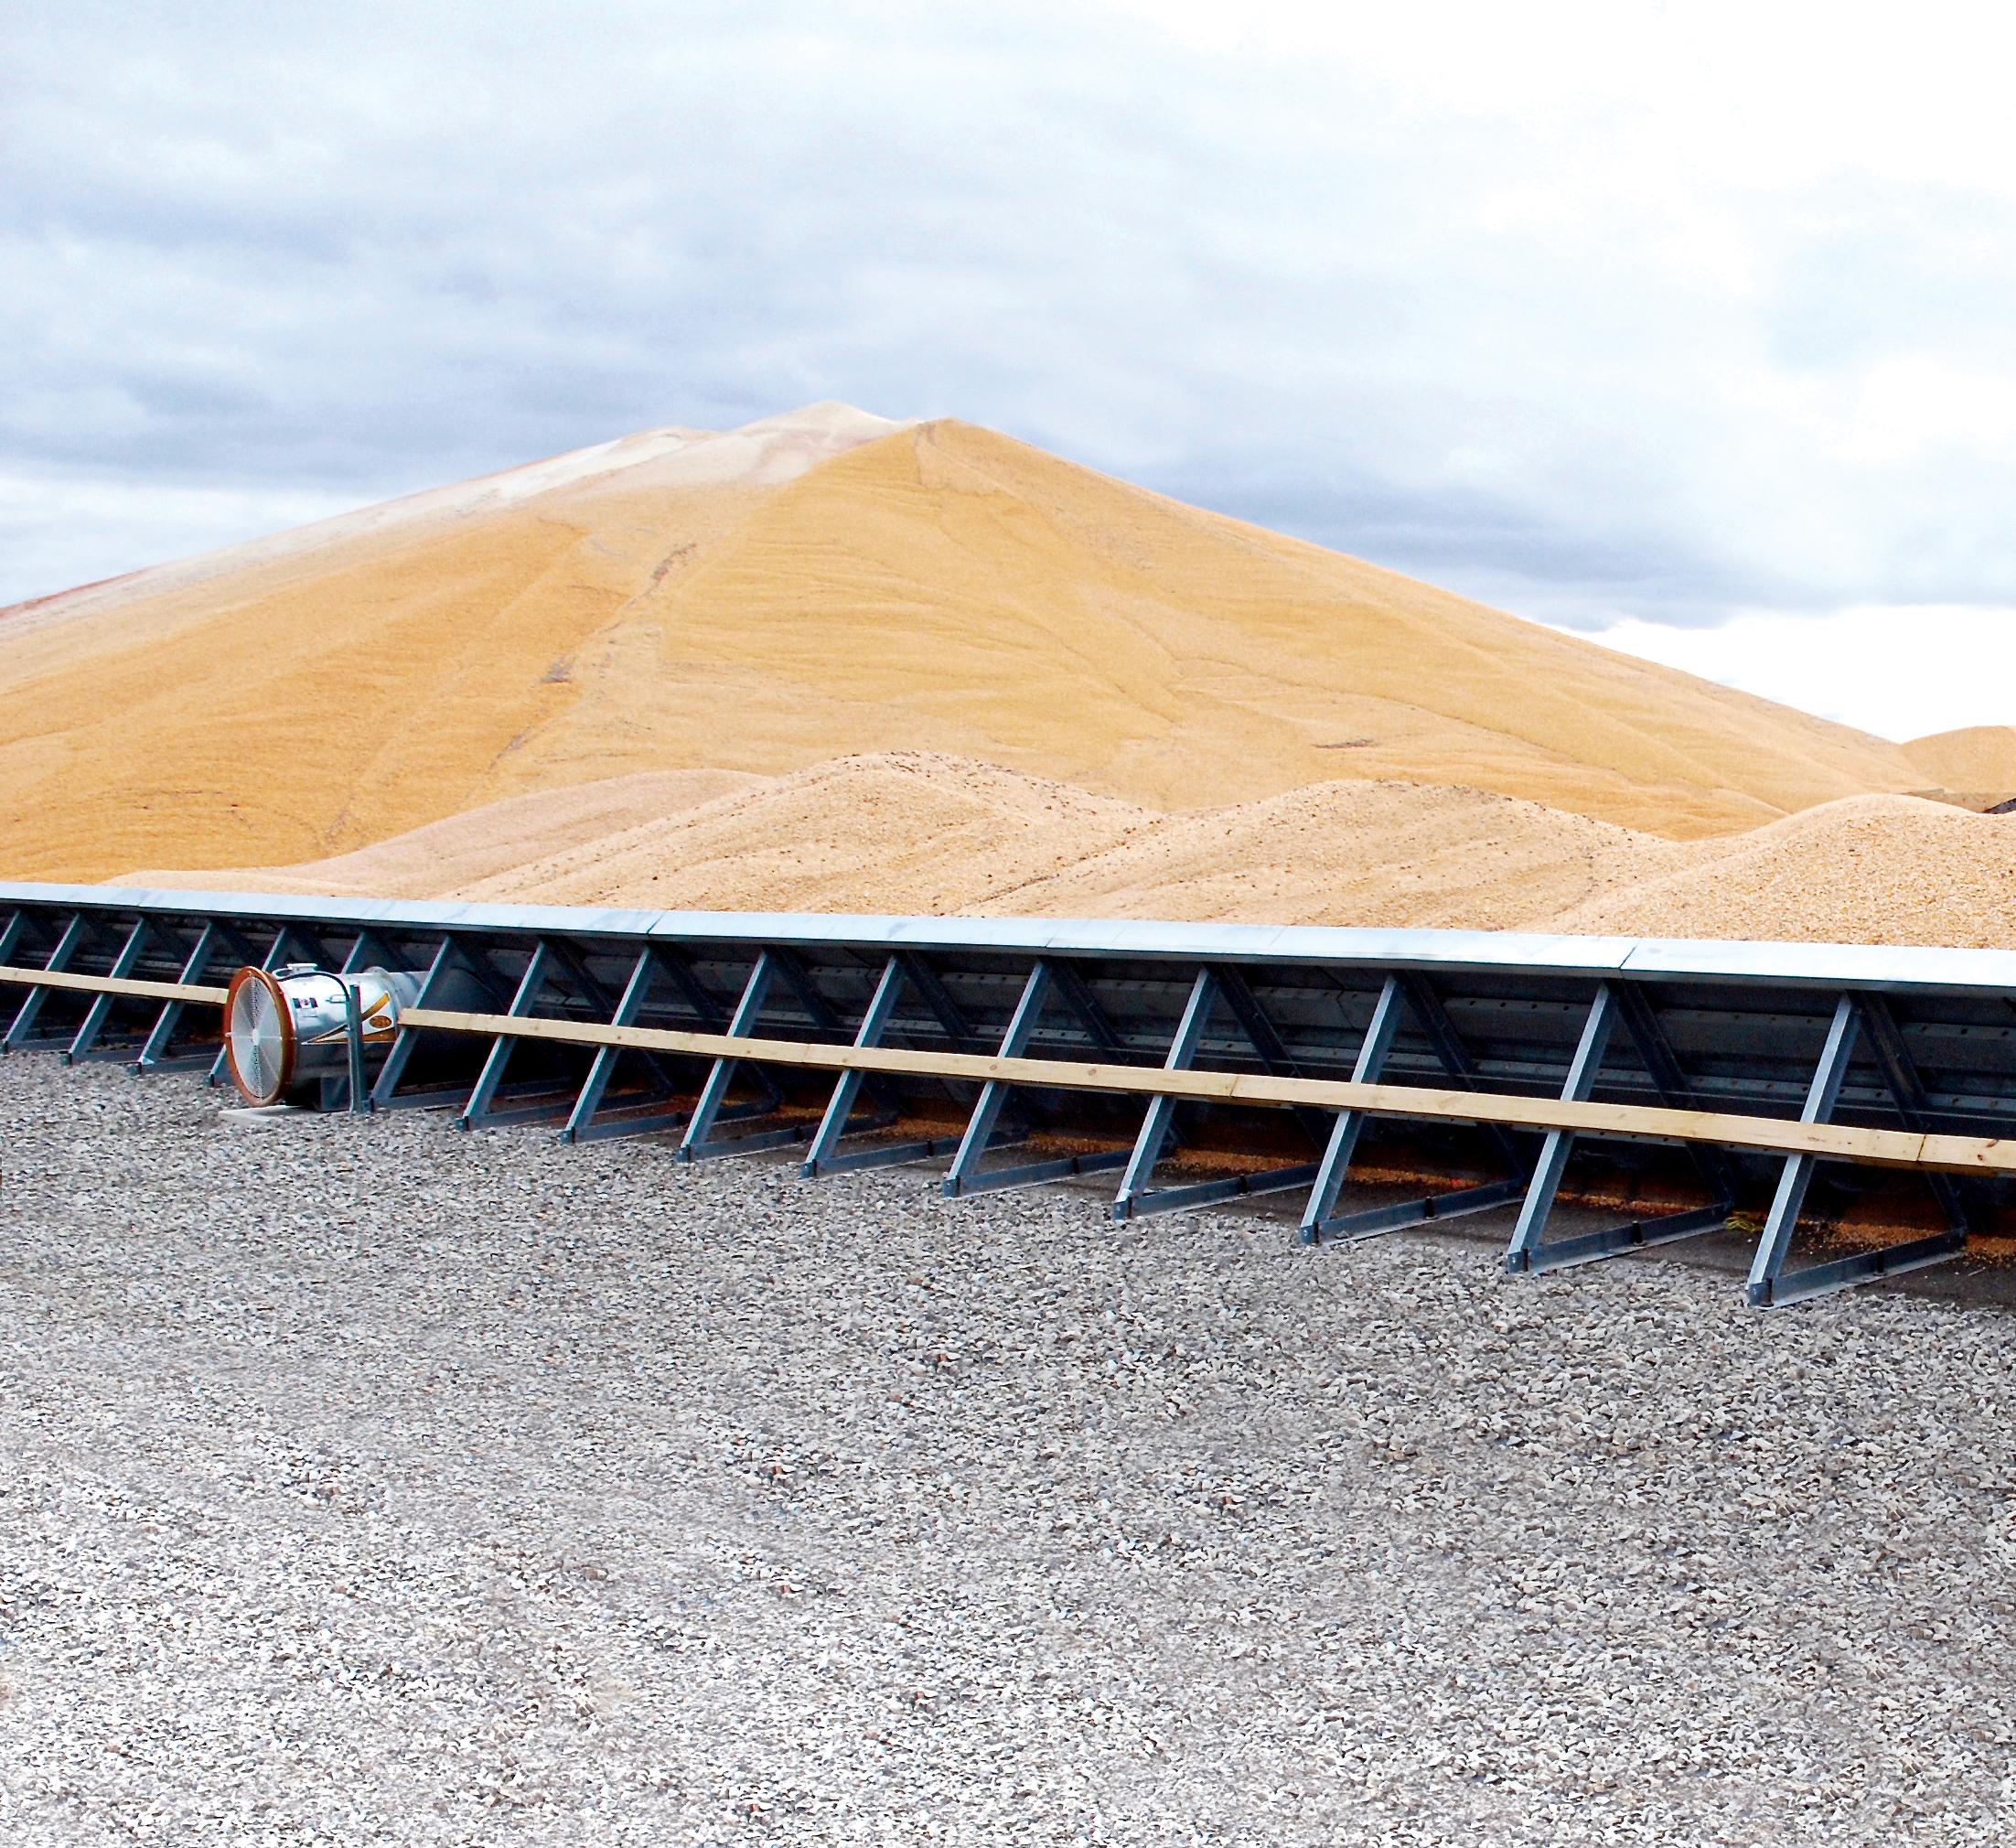 GSI temporary grain bin